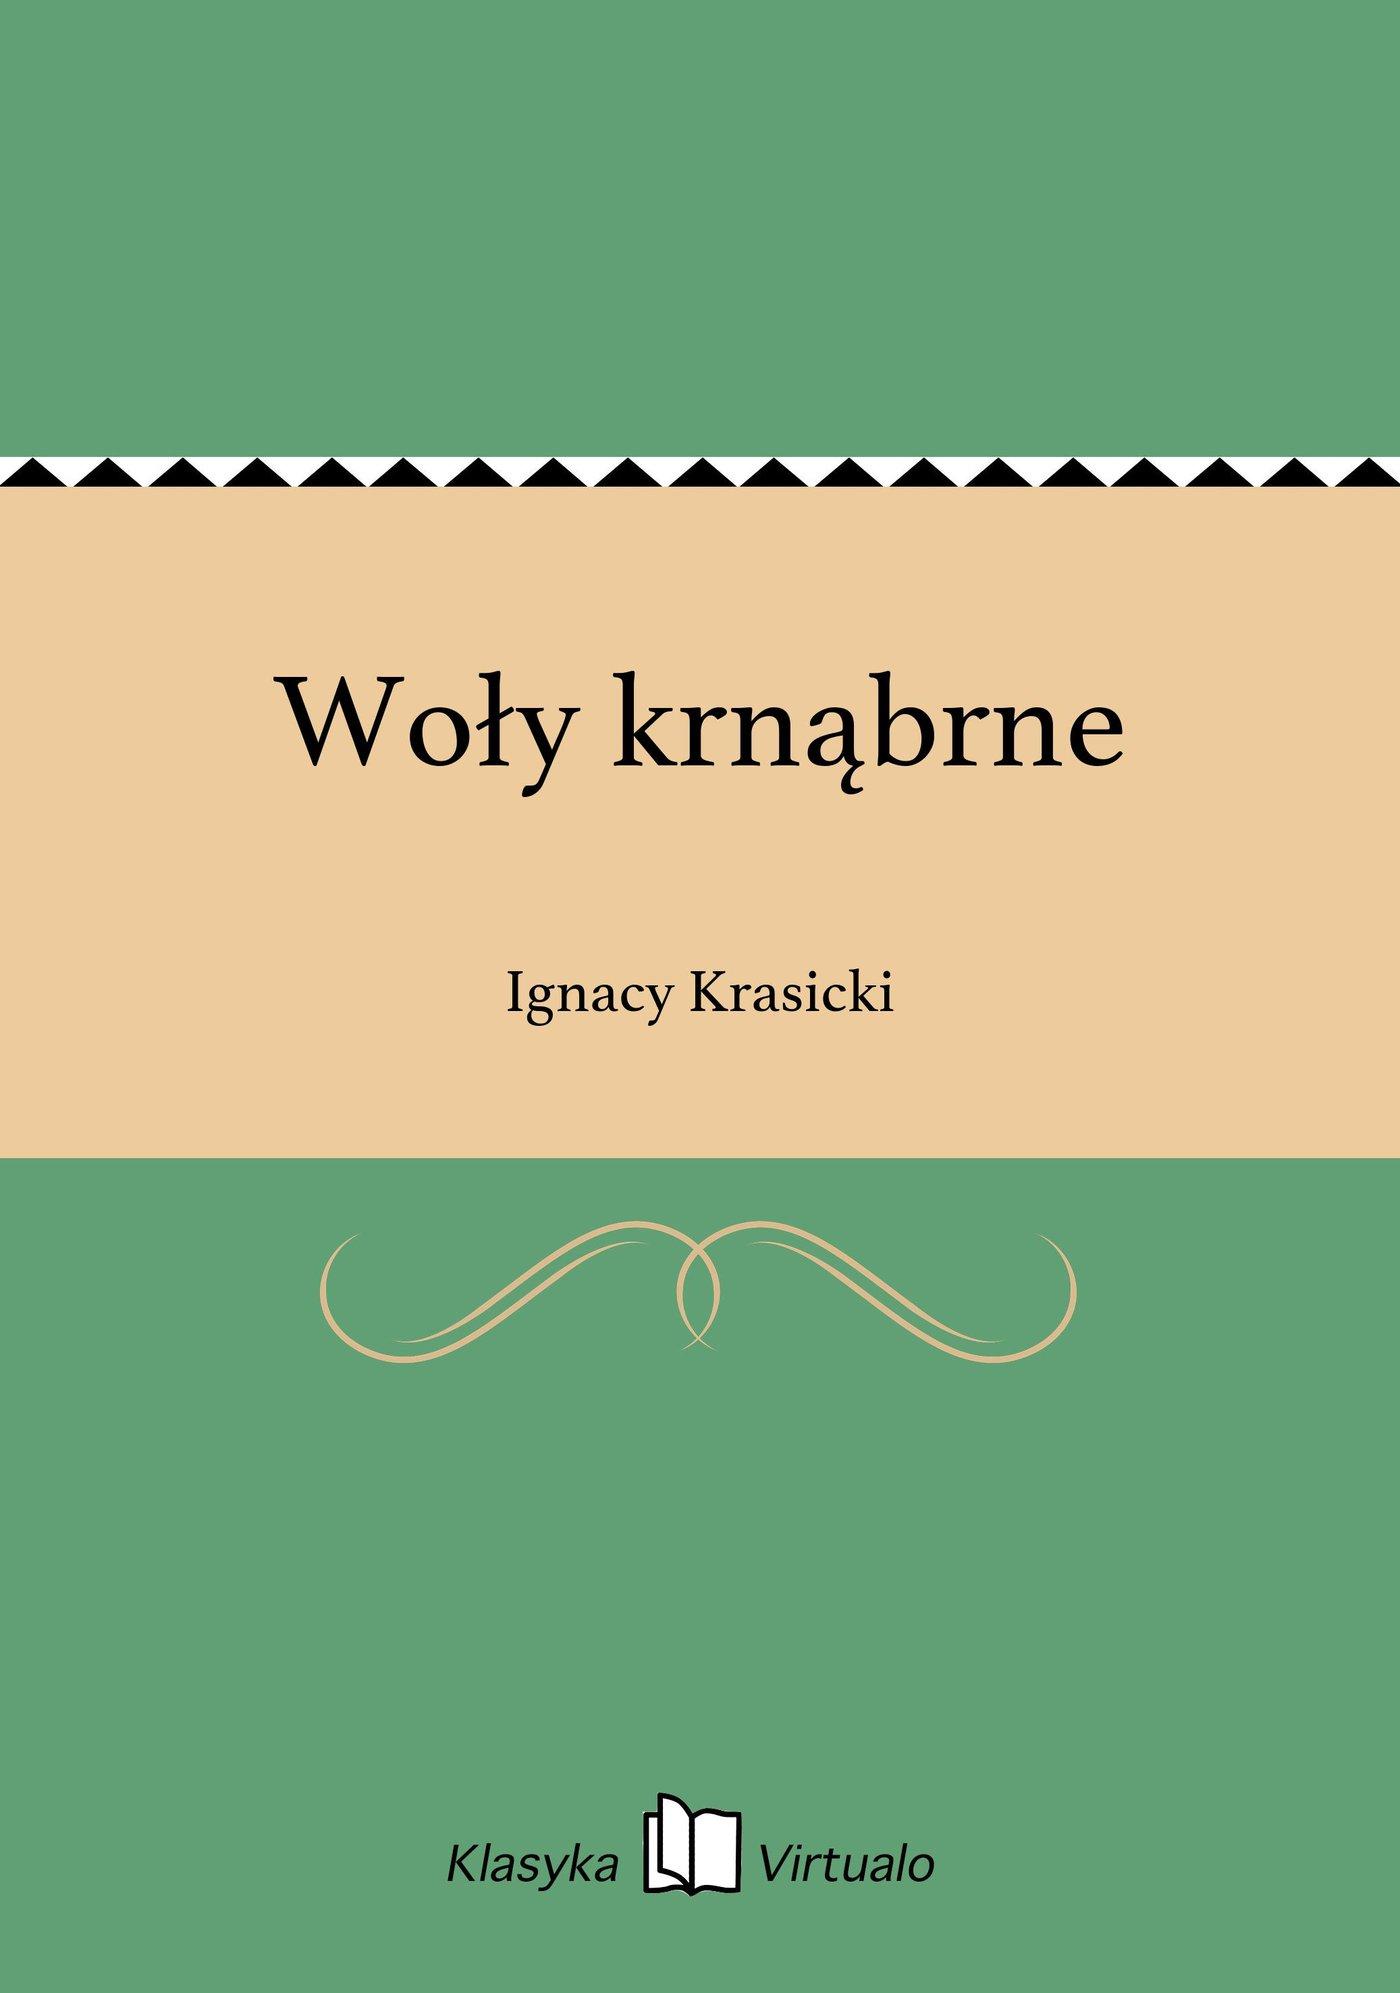 Woły krnąbrne - Ebook (Książka EPUB) do pobrania w formacie EPUB